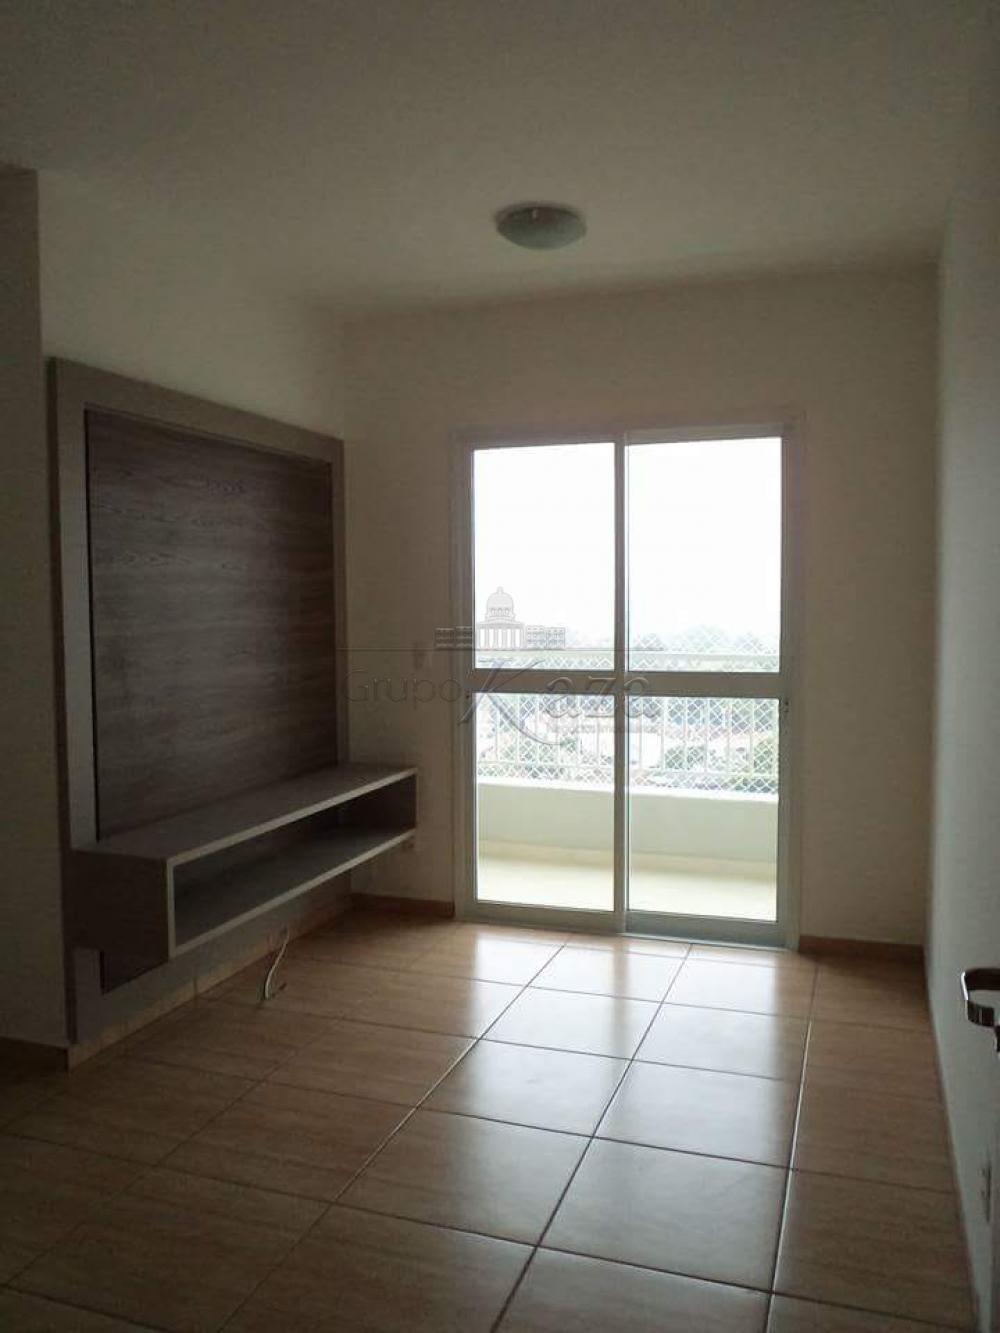 alt='Alugar Apartamento / Padrão em São José dos Campos R$ 1.250,00 - Foto 1' title='Alugar Apartamento / Padrão em São José dos Campos R$ 1.250,00 - Foto 1'